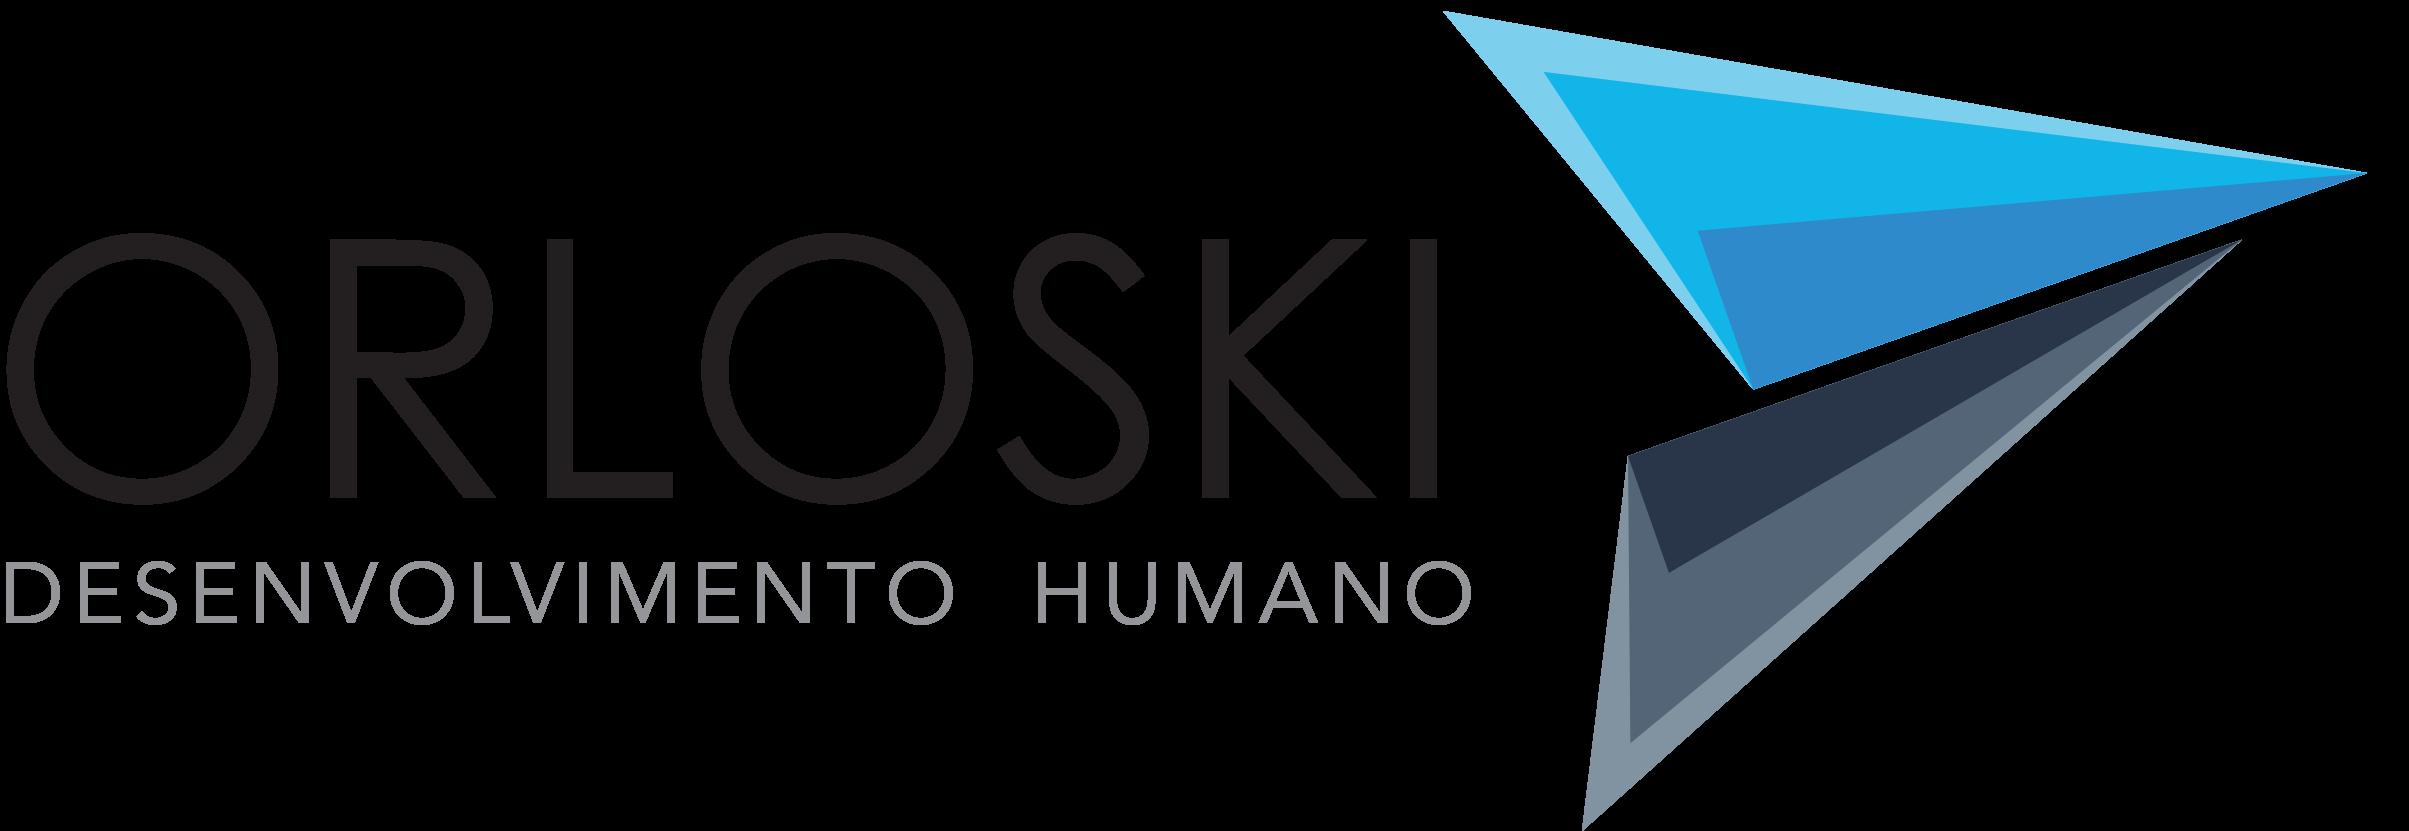 Logo-orloski-coaching